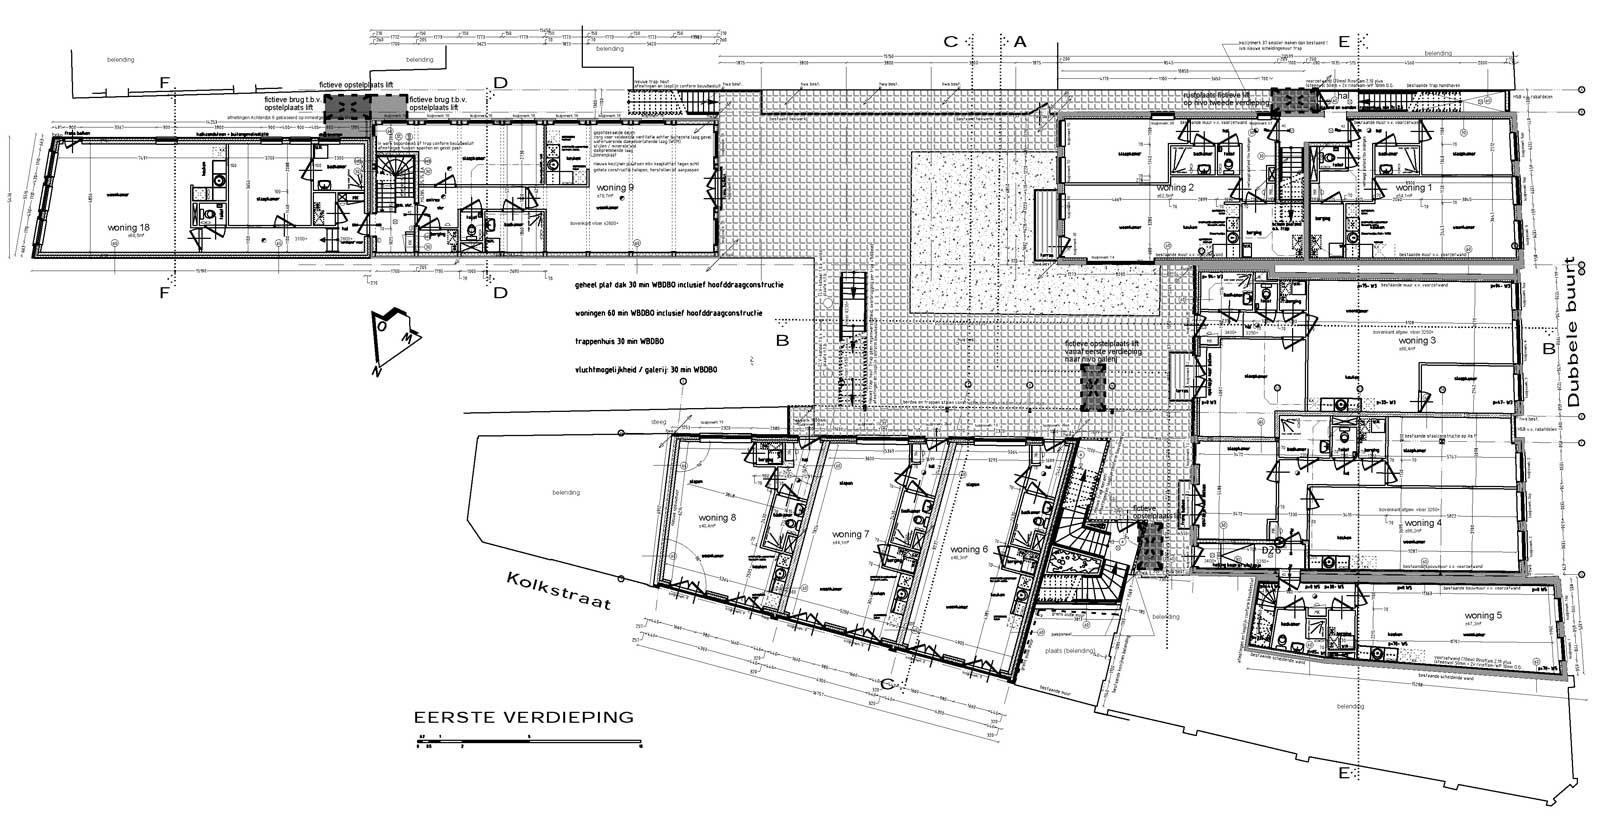 eerste verdieping - Binnenstedelijke herontwikkeling Dubbele Buurt Purmerend